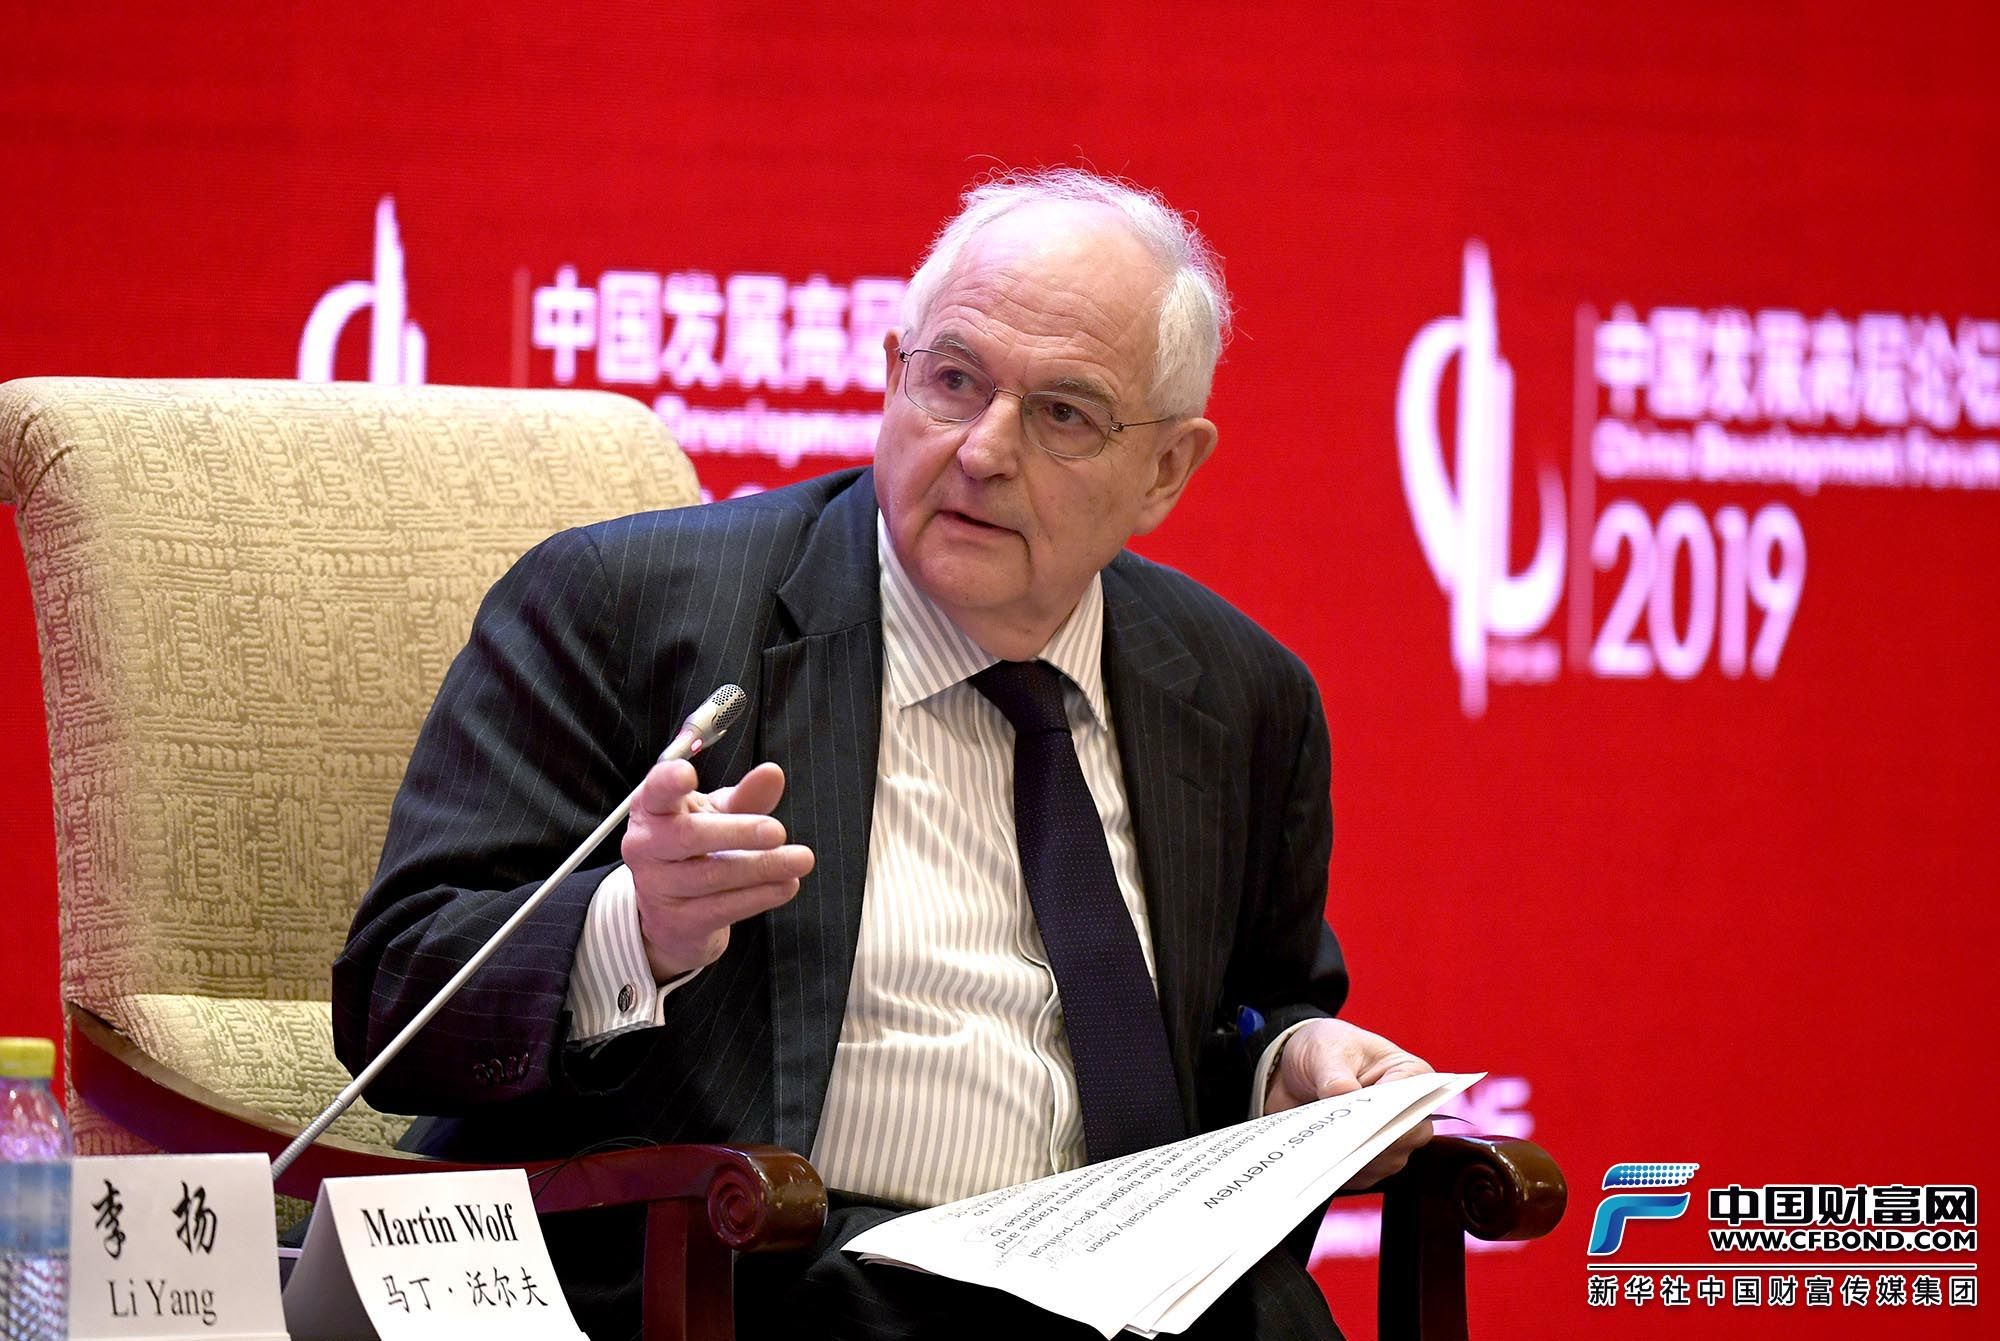 马丁·沃尔夫:世界经济体系不稳定 各国要避免犯错并持续合作